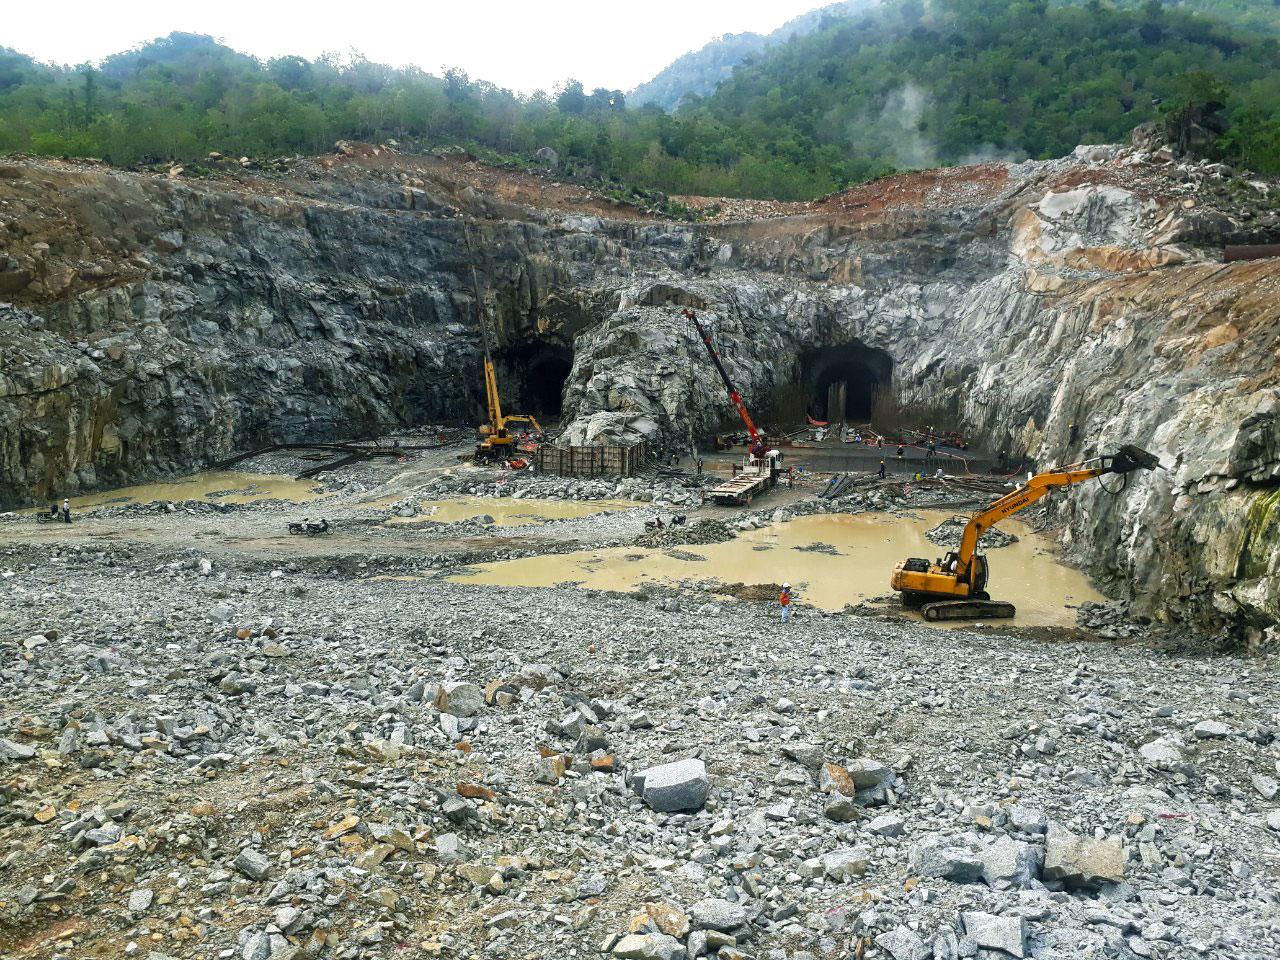 Cập nhật hình ảnh thi công Hầm xả đoạn 3 – Thủy điện tích năng Bác Ái tỉnh Ninh Thuận (23/06/2020)